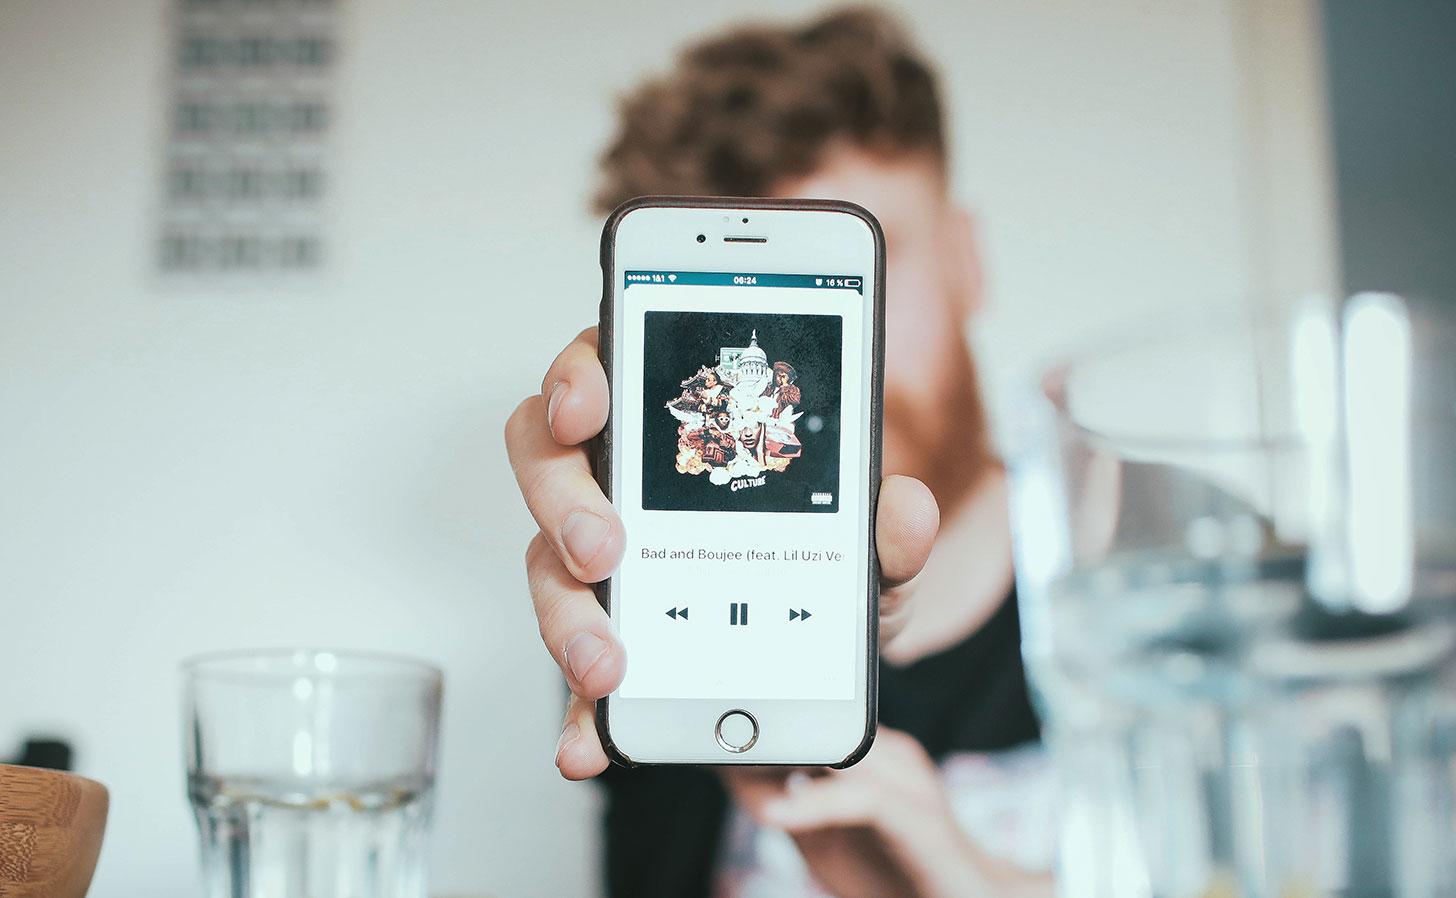 Du kan enkelt fixa en ny och mångsidig knapp på din iPhone. Foto: Igor Miske / Unsplash